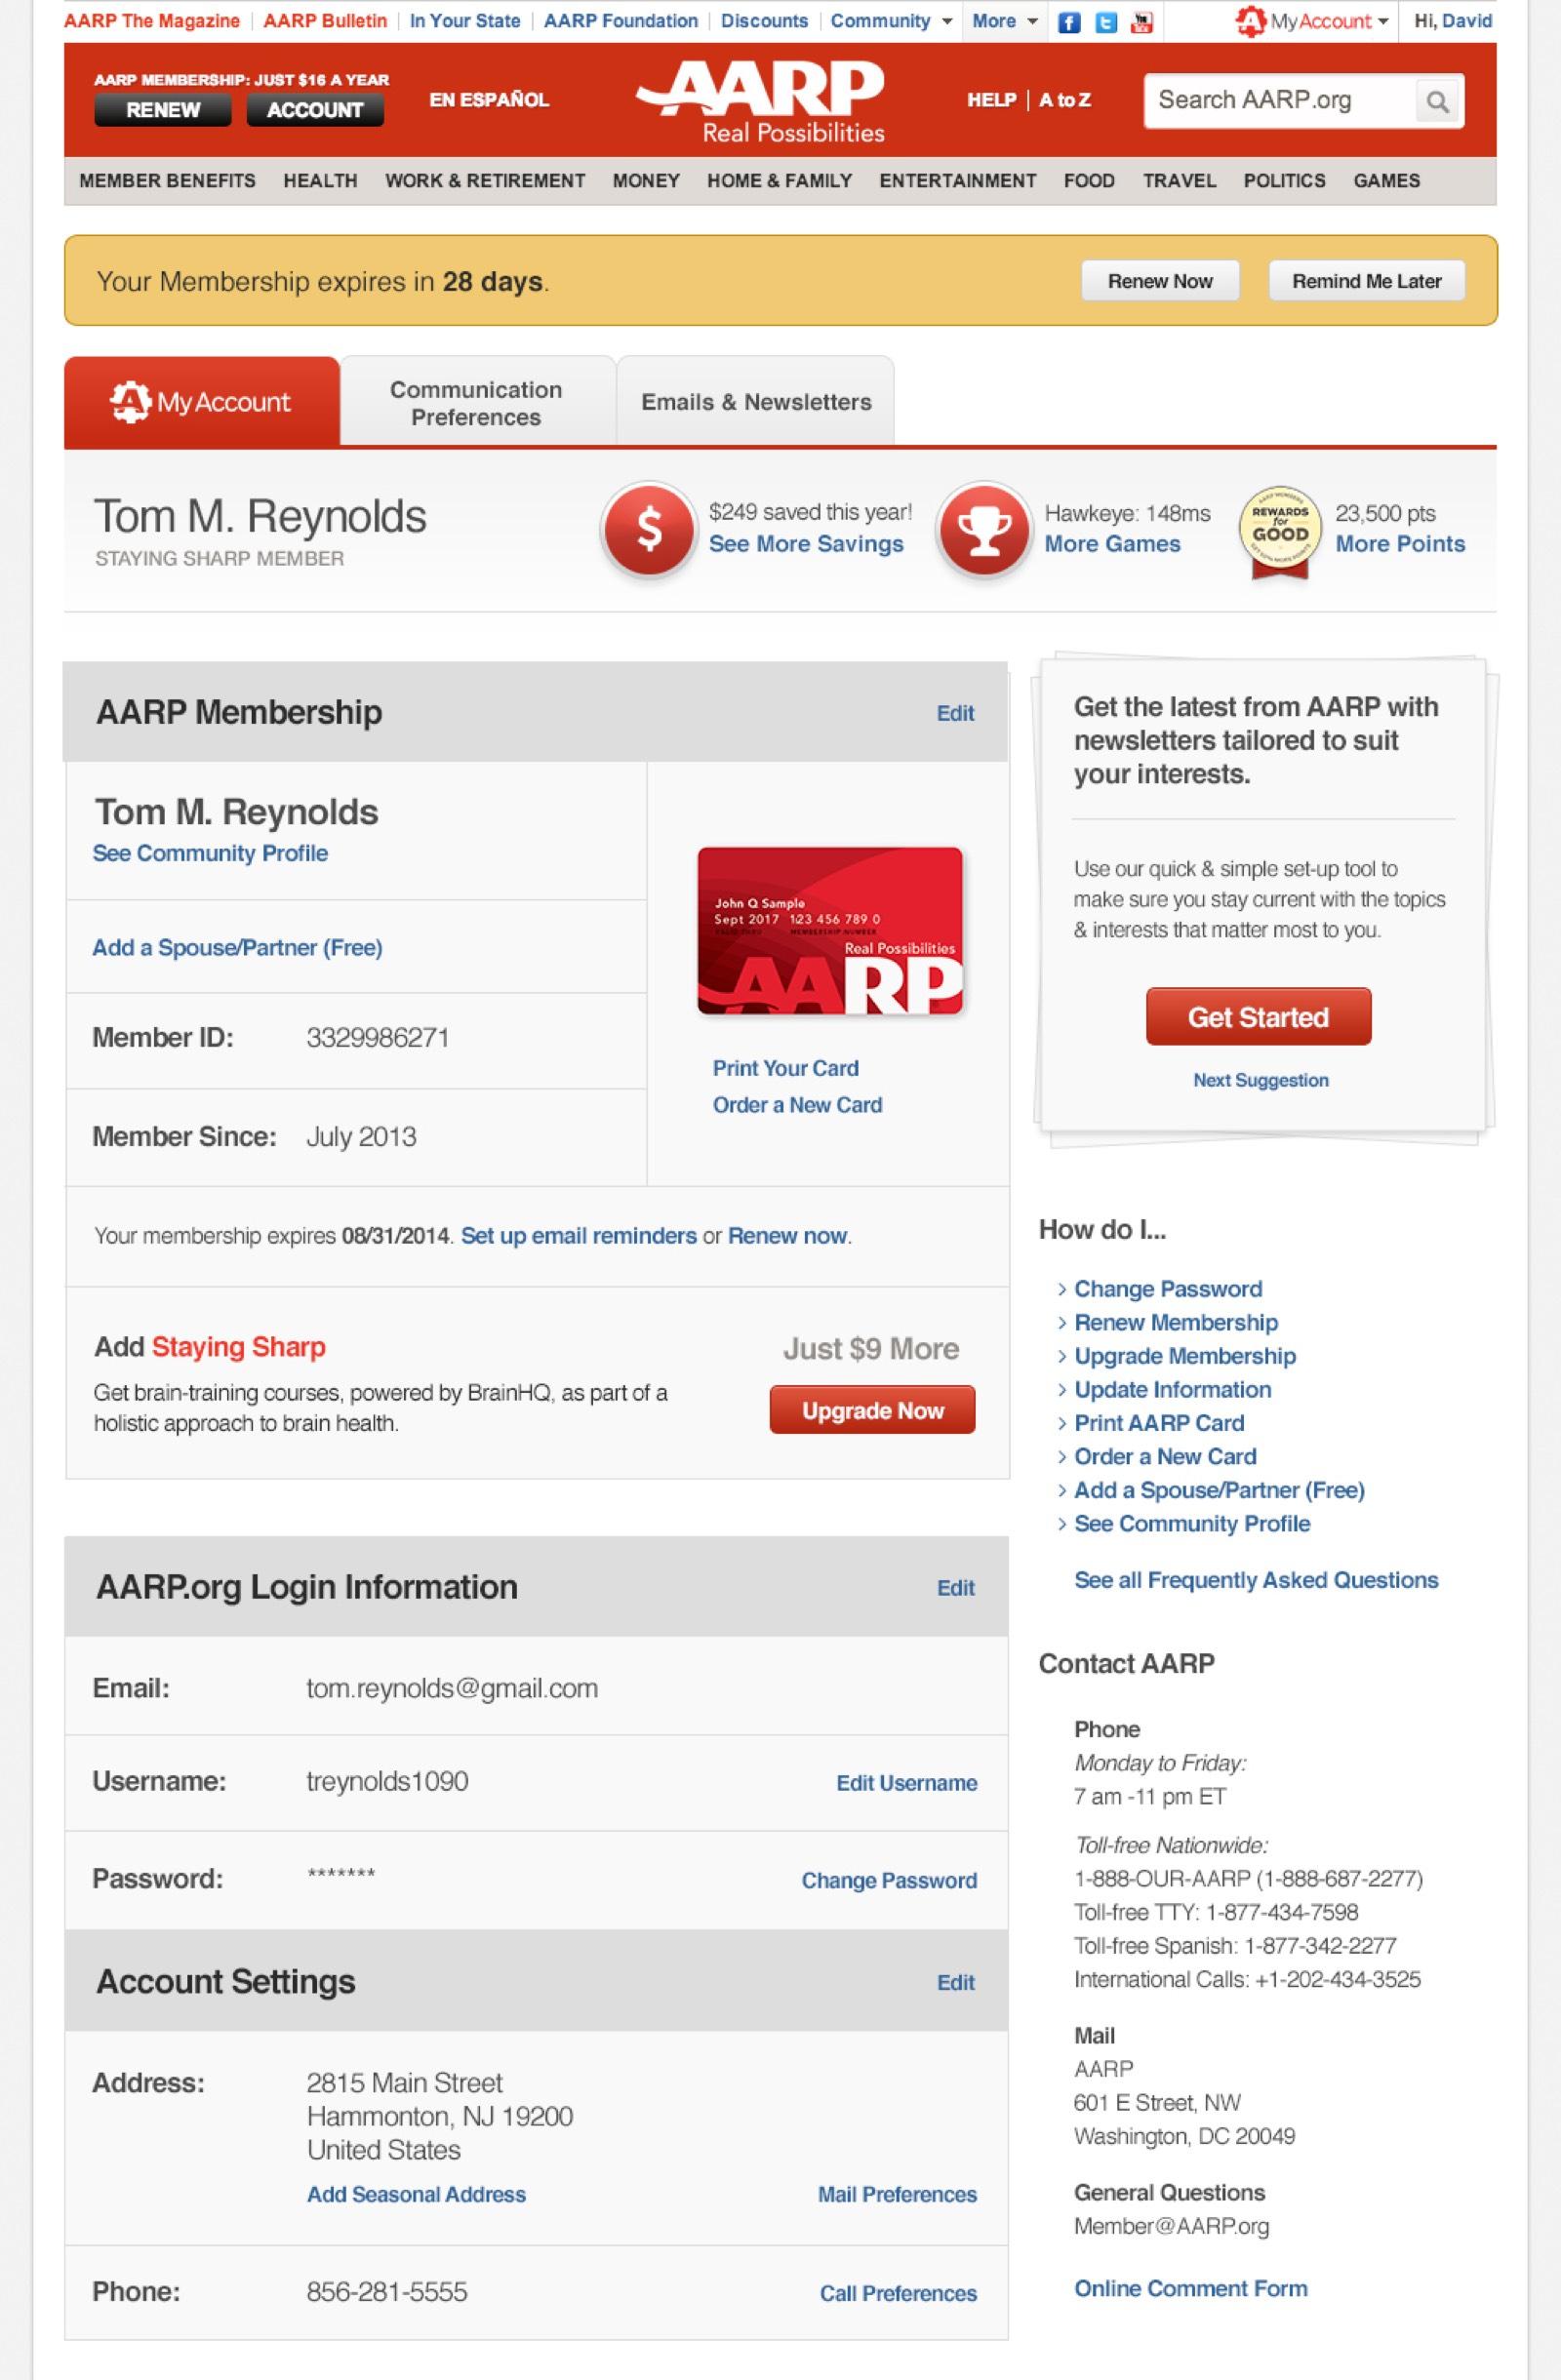 aarp-am-after-design